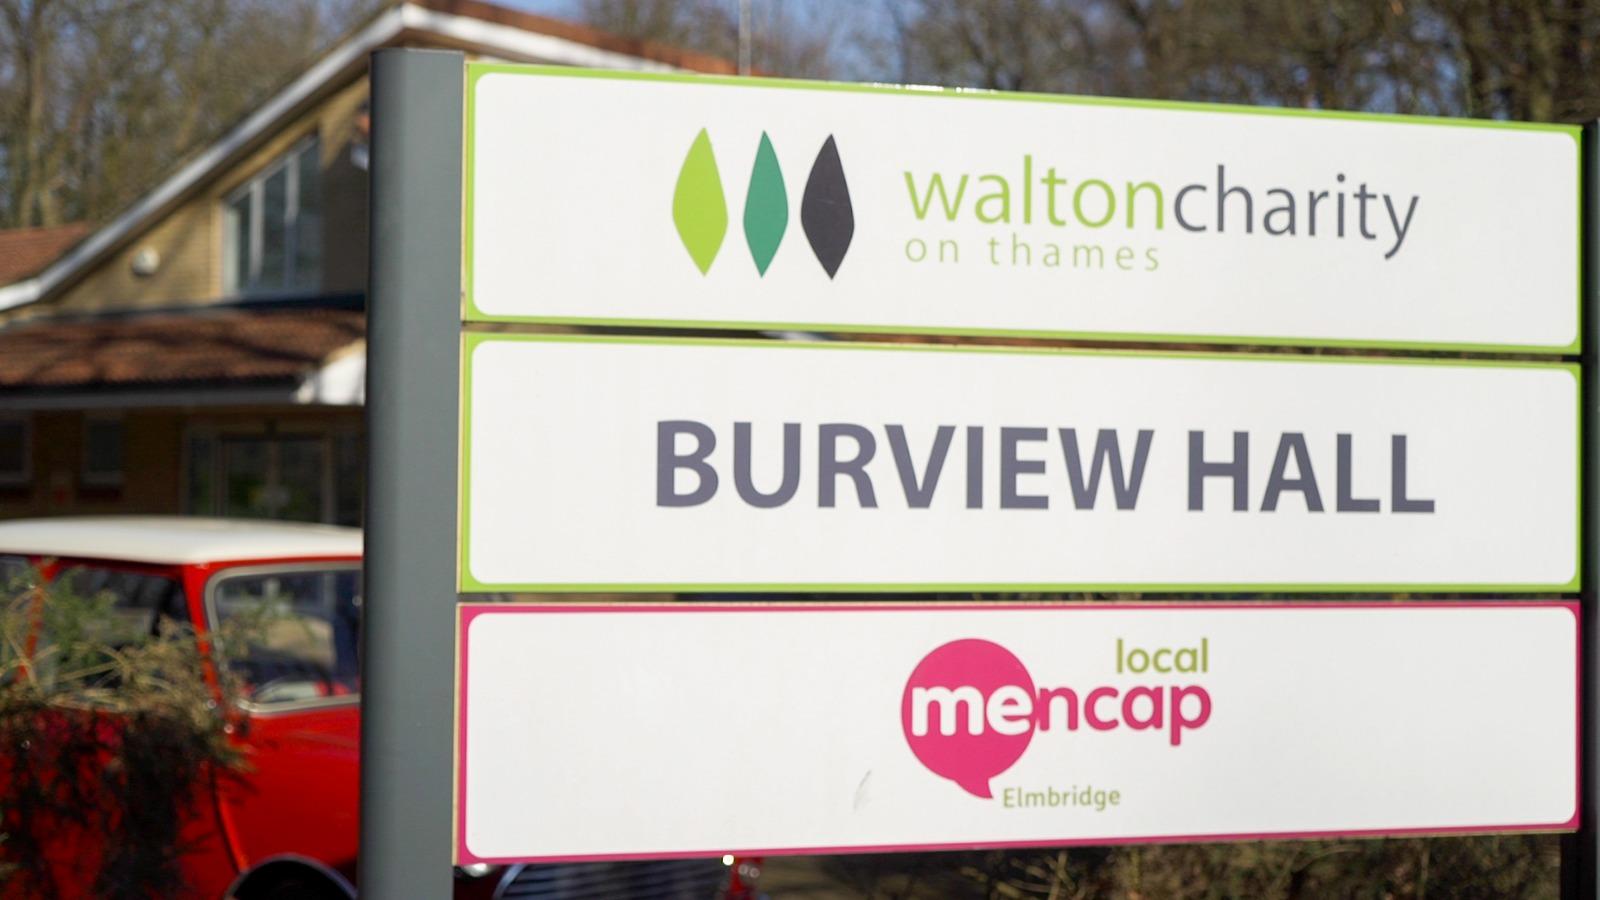 Burview Hall, Walton-on-Thames